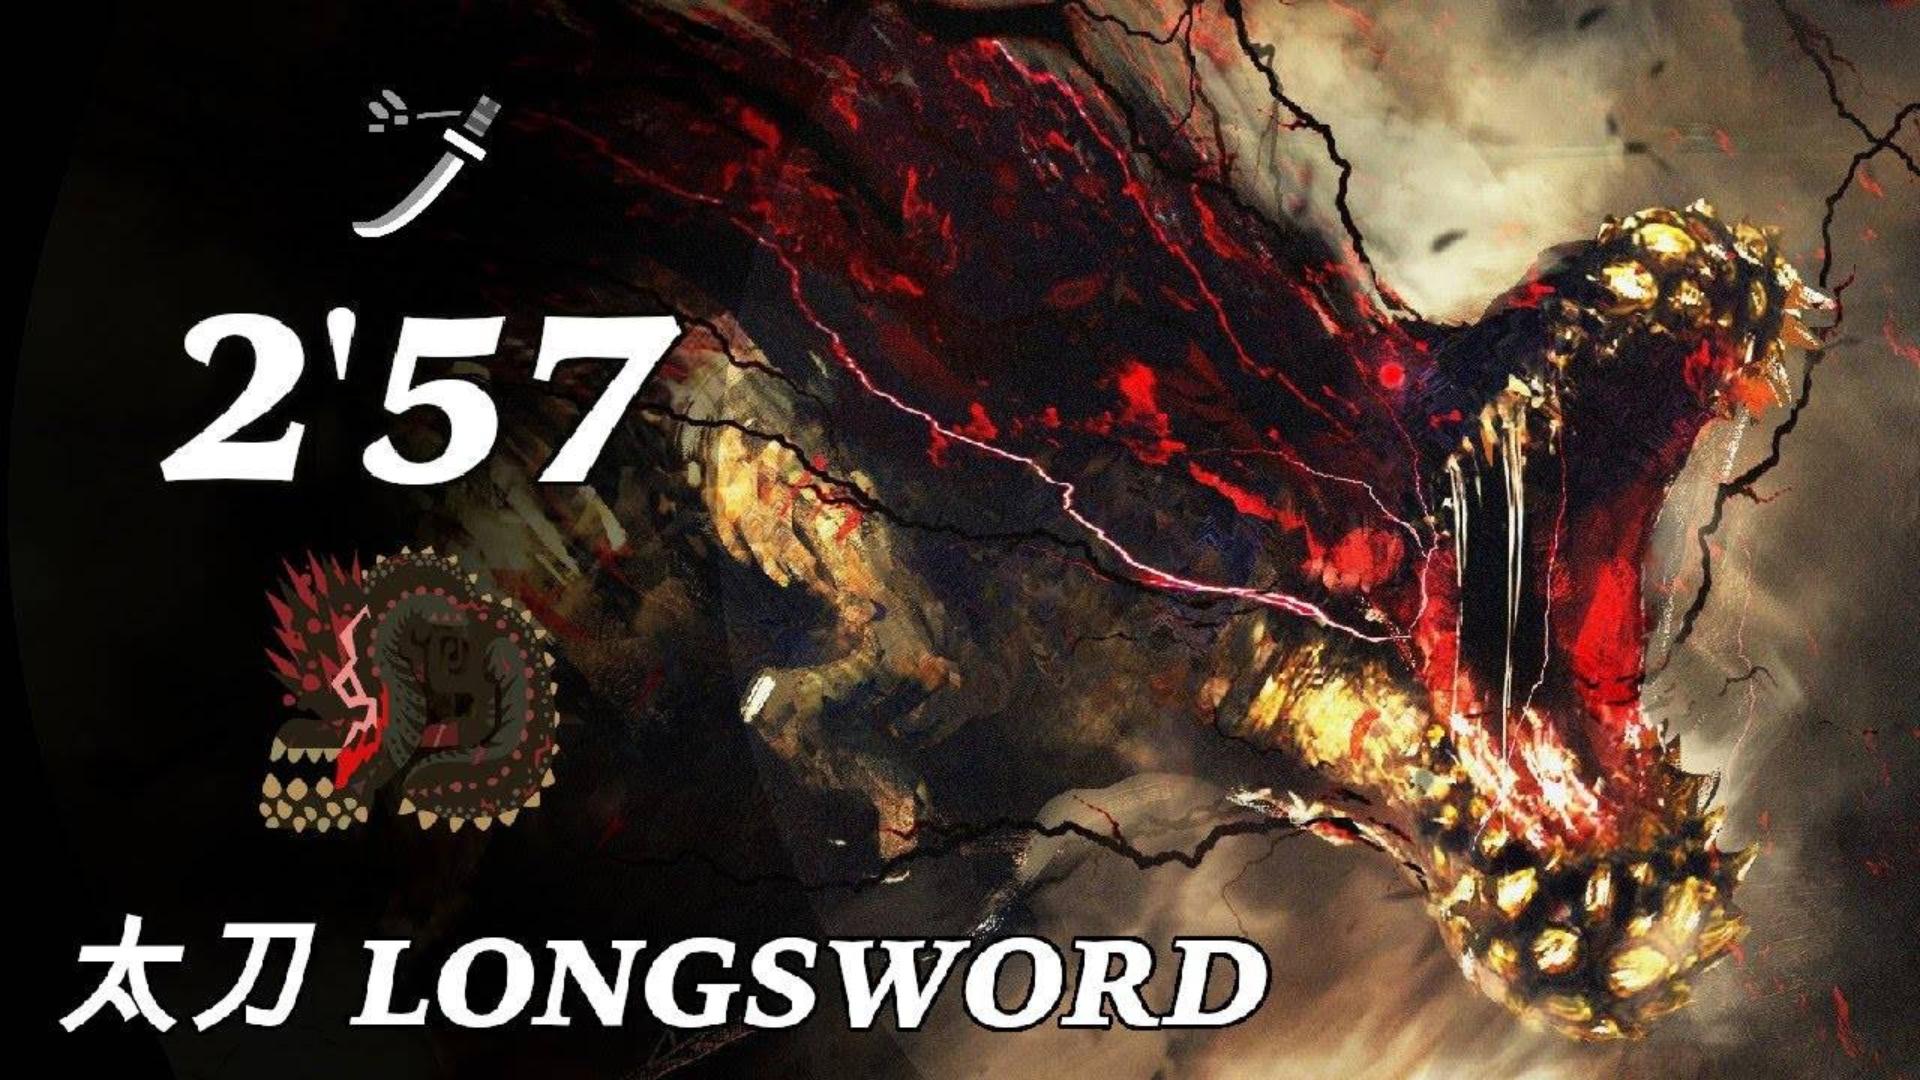 【搬运】煌怒恐暴龙 单人太刀 2:57